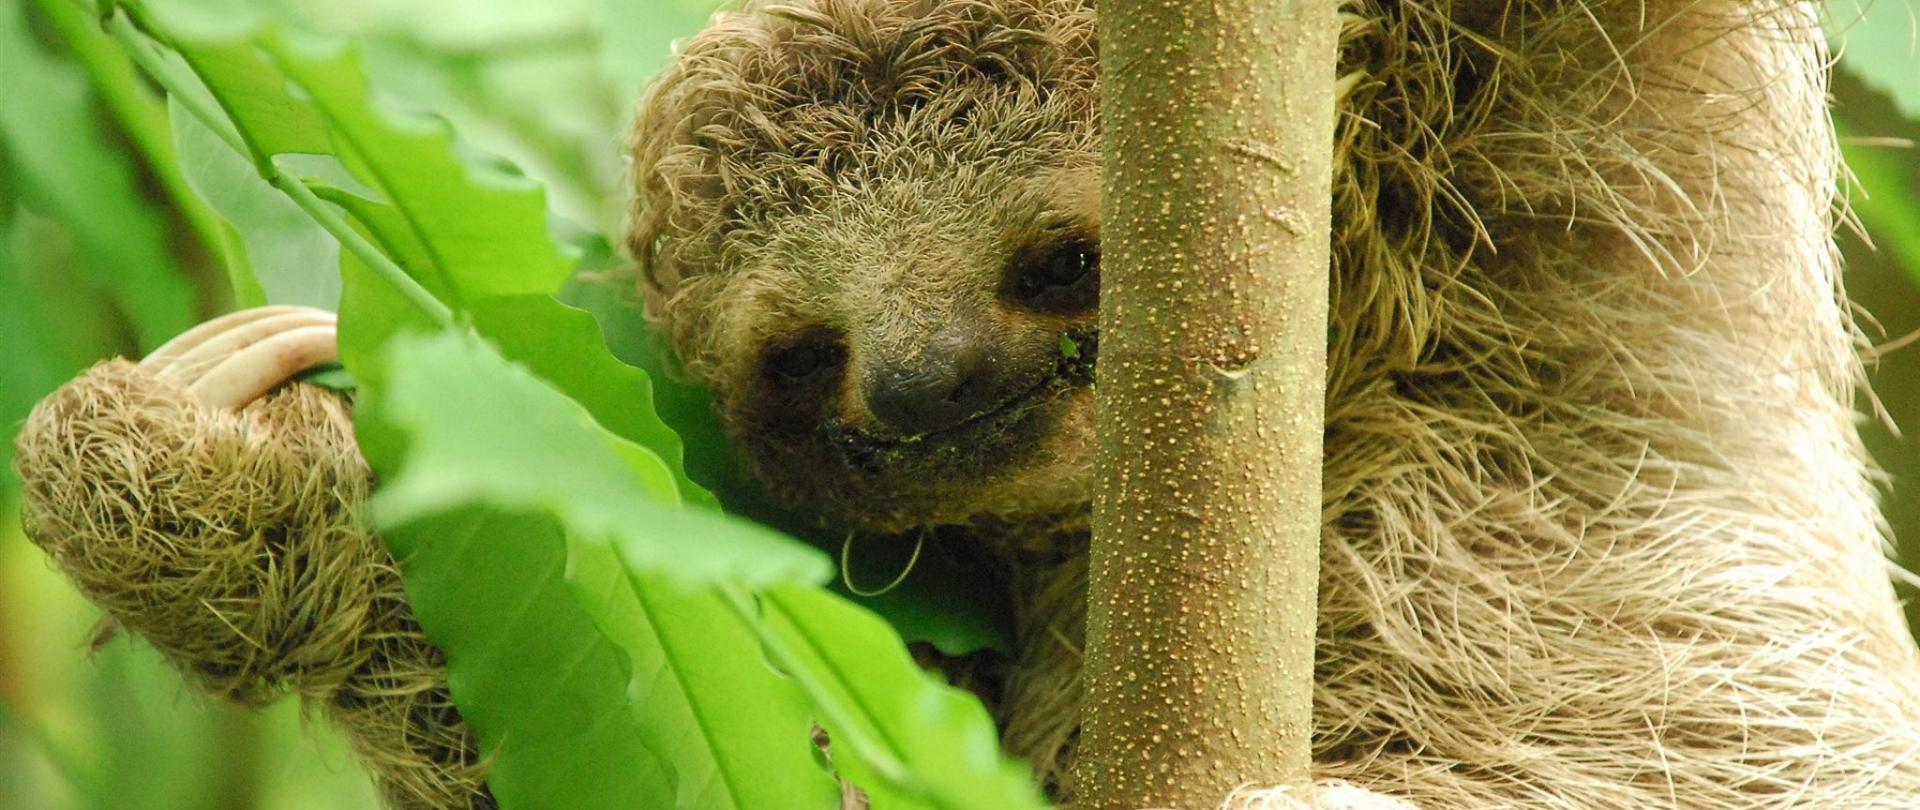 baby-sloth-300-dpi.jpg